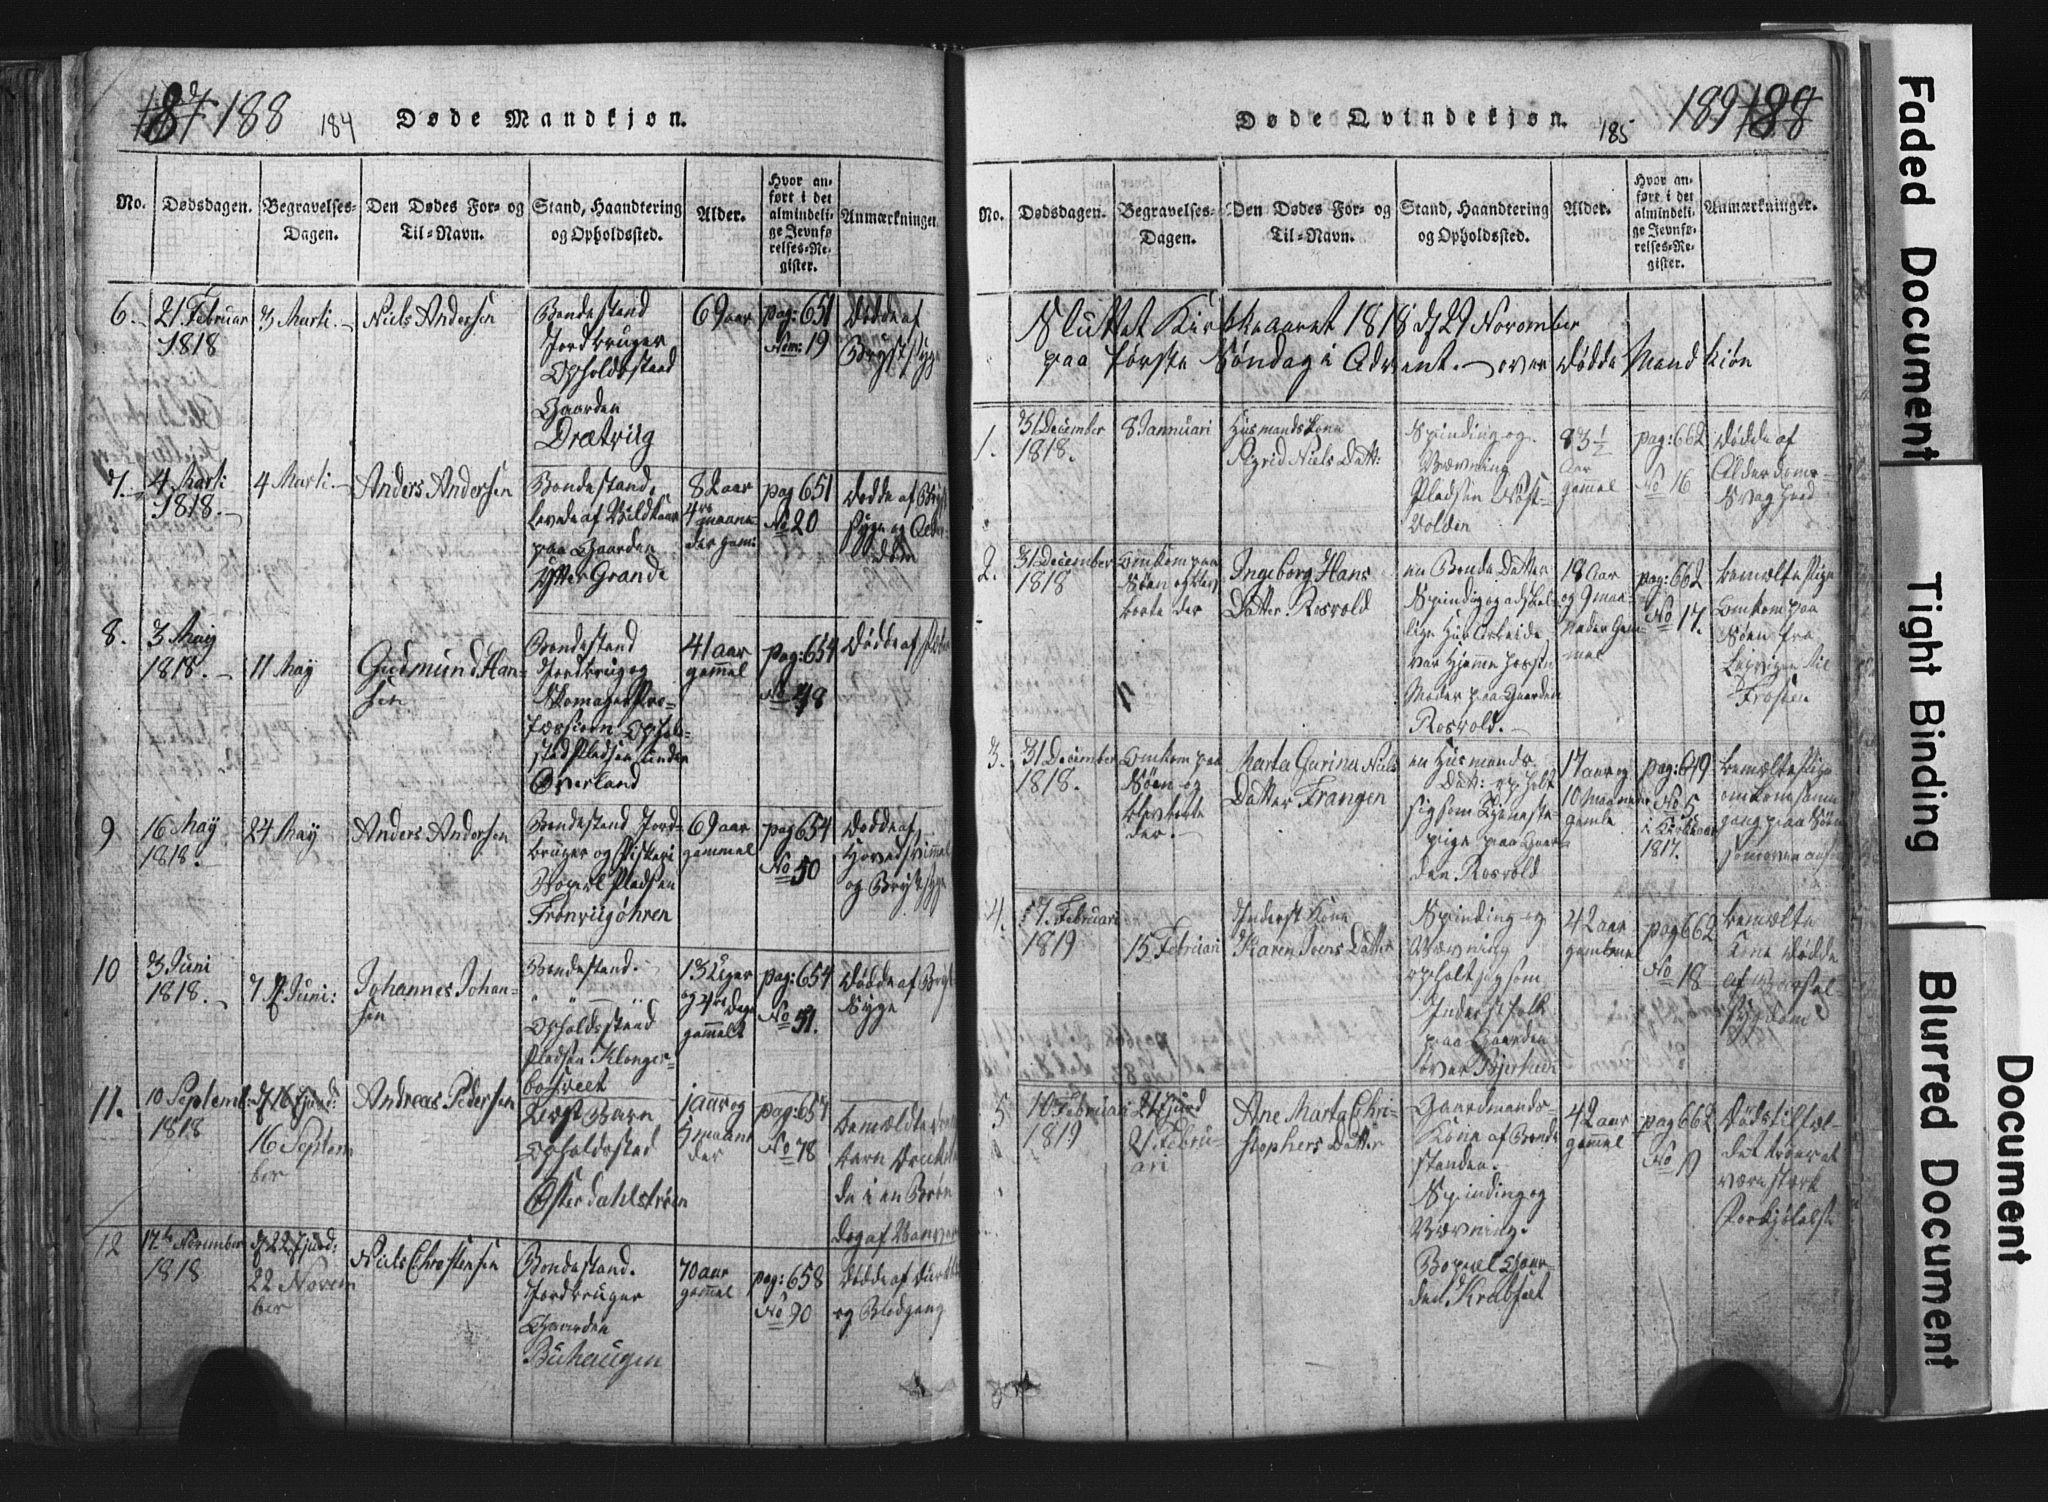 SAT, Ministerialprotokoller, klokkerbøker og fødselsregistre - Nord-Trøndelag, 701/L0017: Klokkerbok nr. 701C01, 1817-1825, s. 184-185